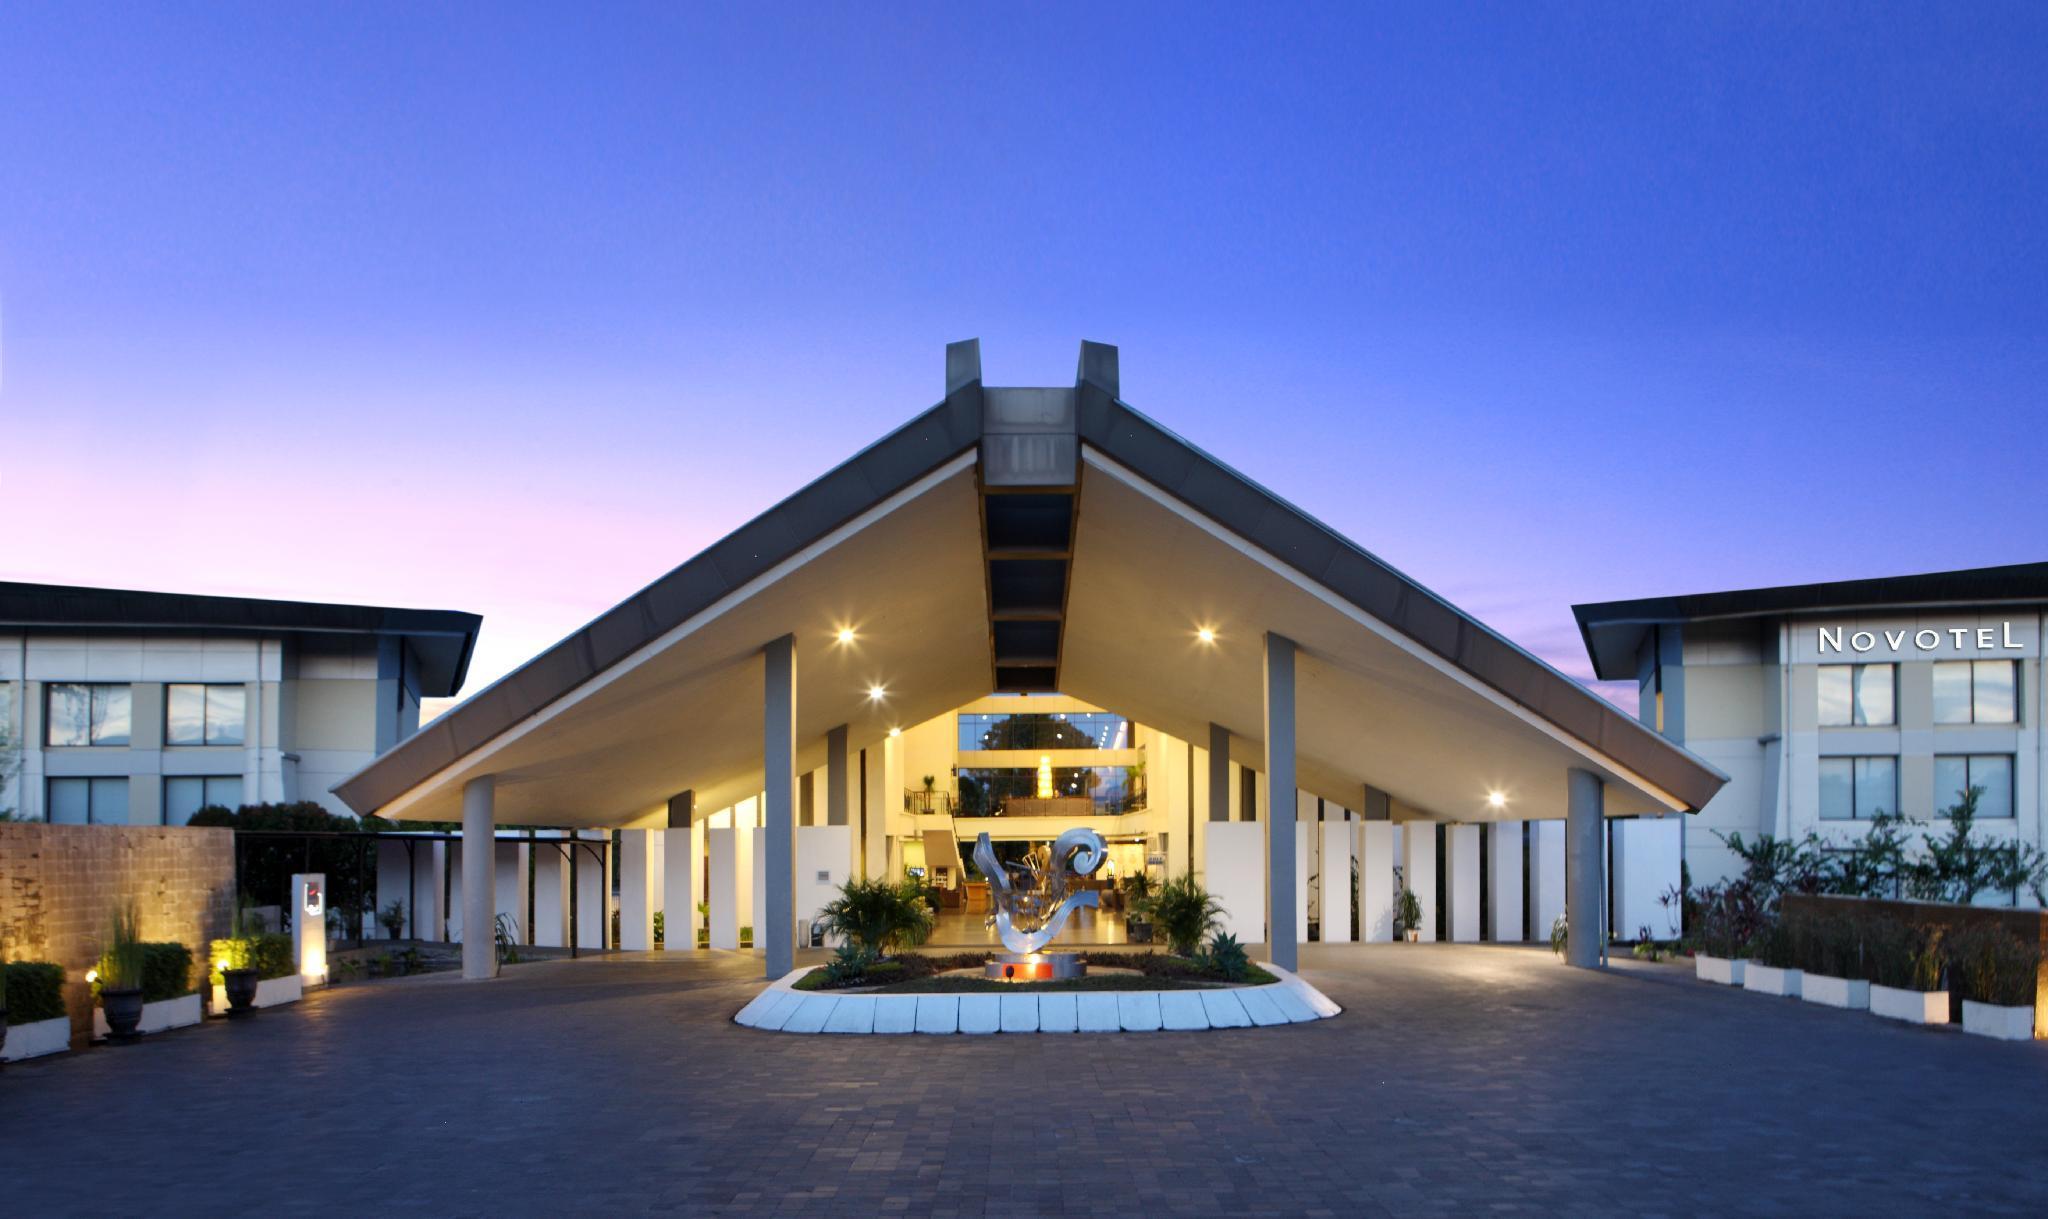 Novotel Manado Golf Resort & Convention Center, Manado